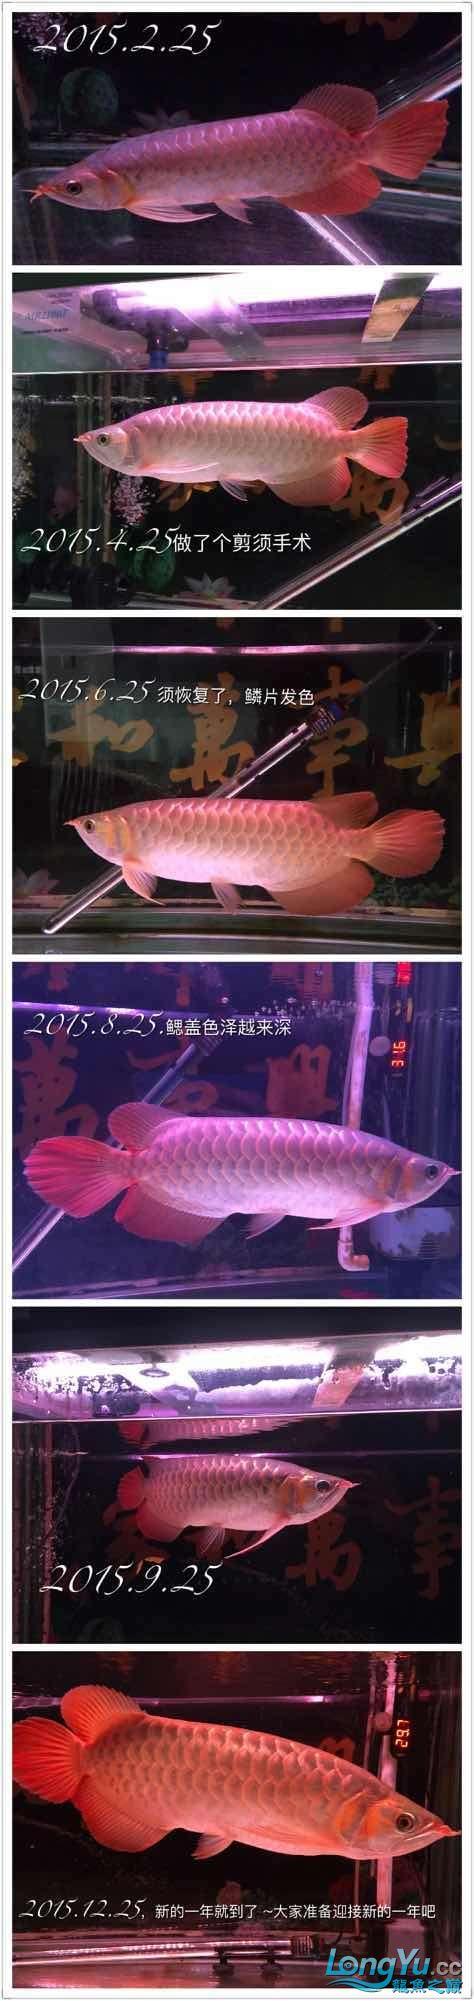 年尾了整理一下爱龙照请各位大神鱼友南京哪个水族店有白子关刀鱼随便评评吧 南京水族批发市场